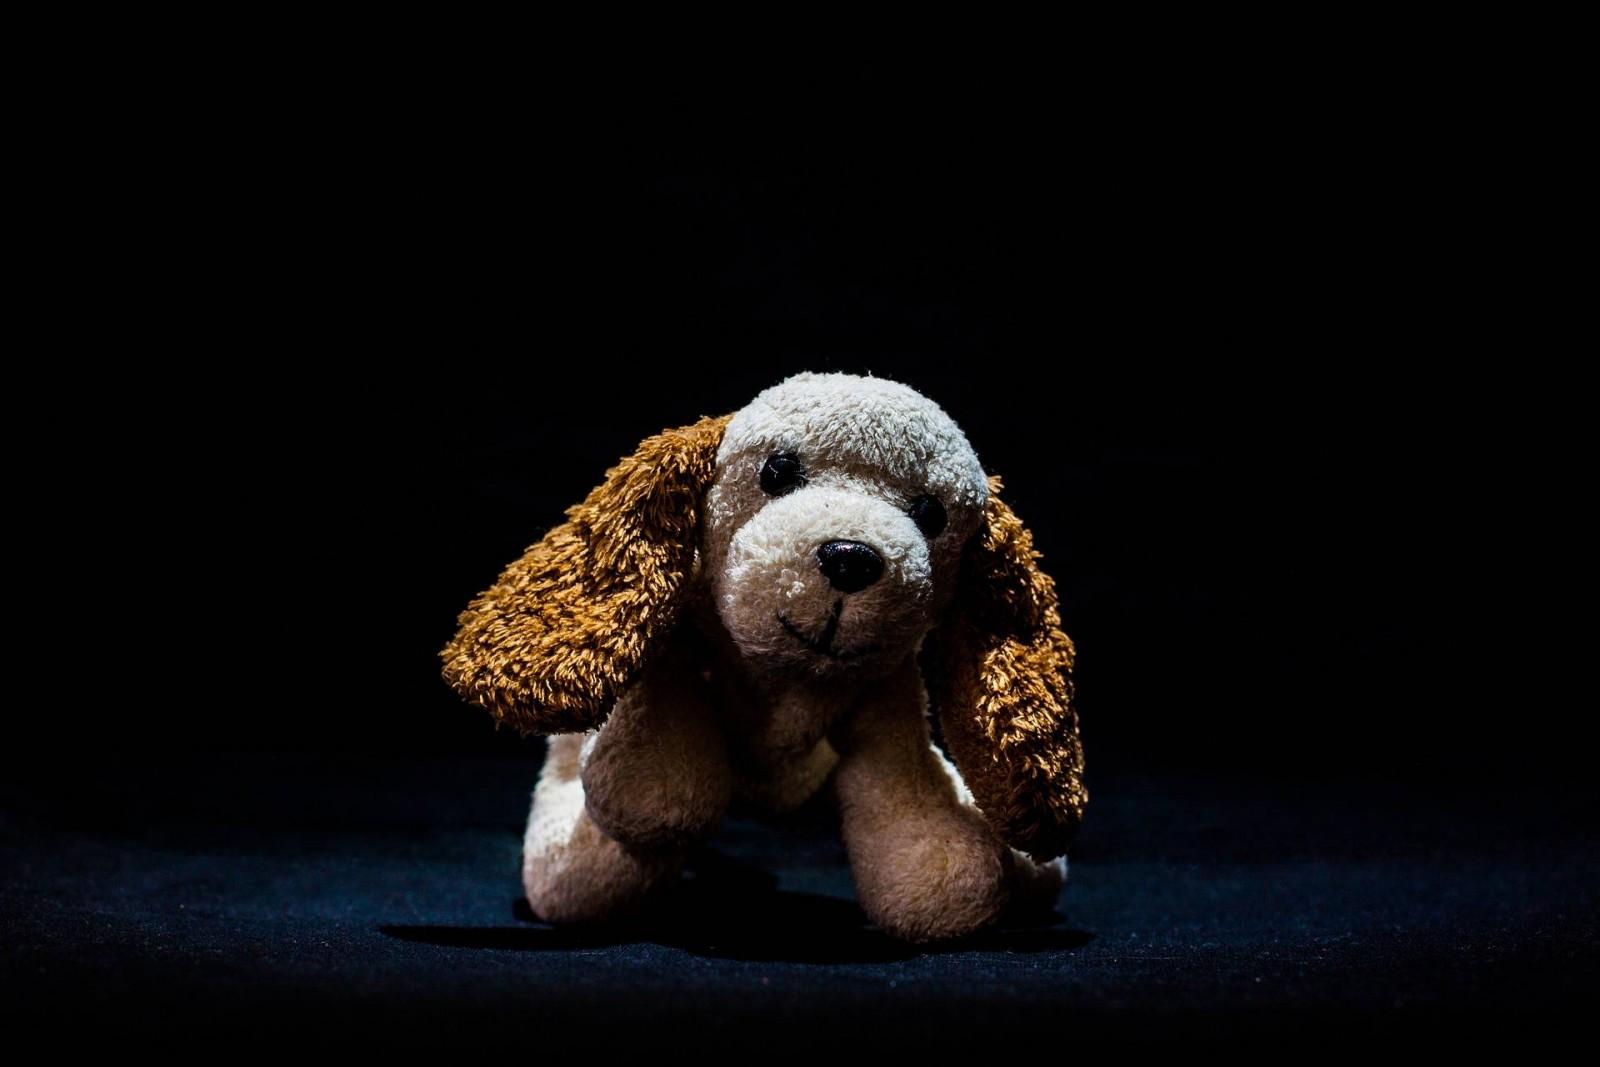 teddy-bear-933159_1920